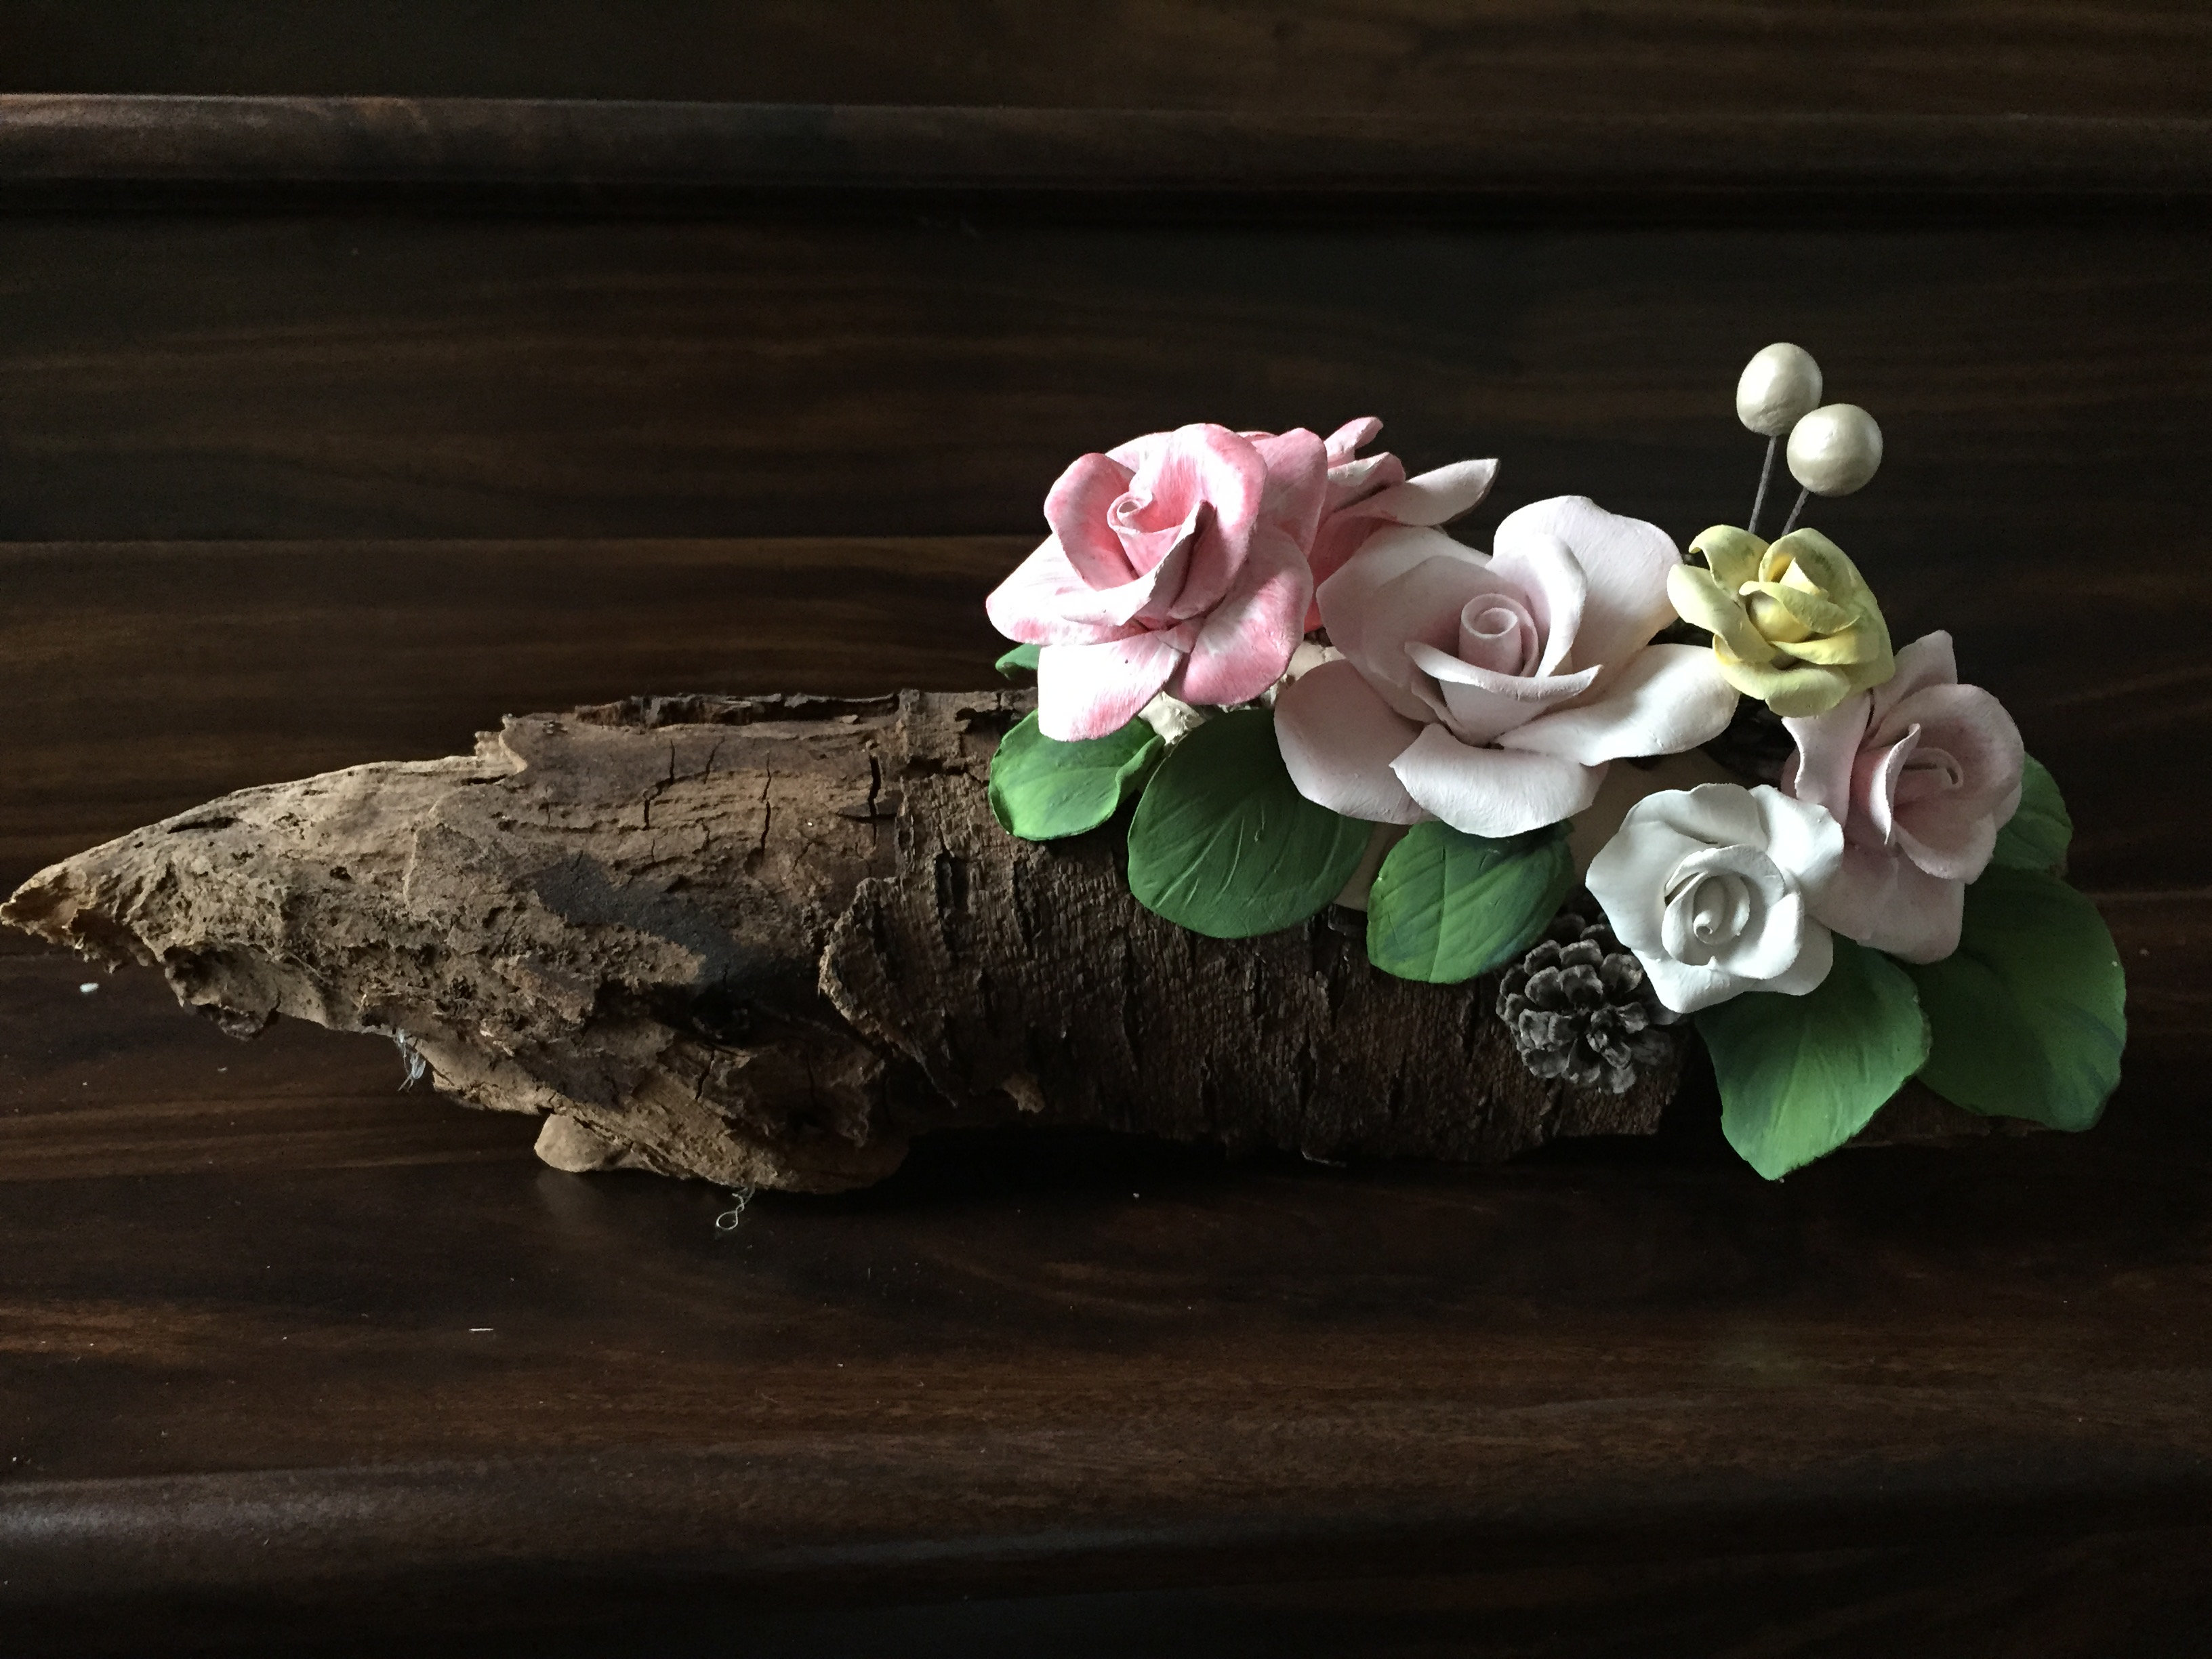 Rose 4